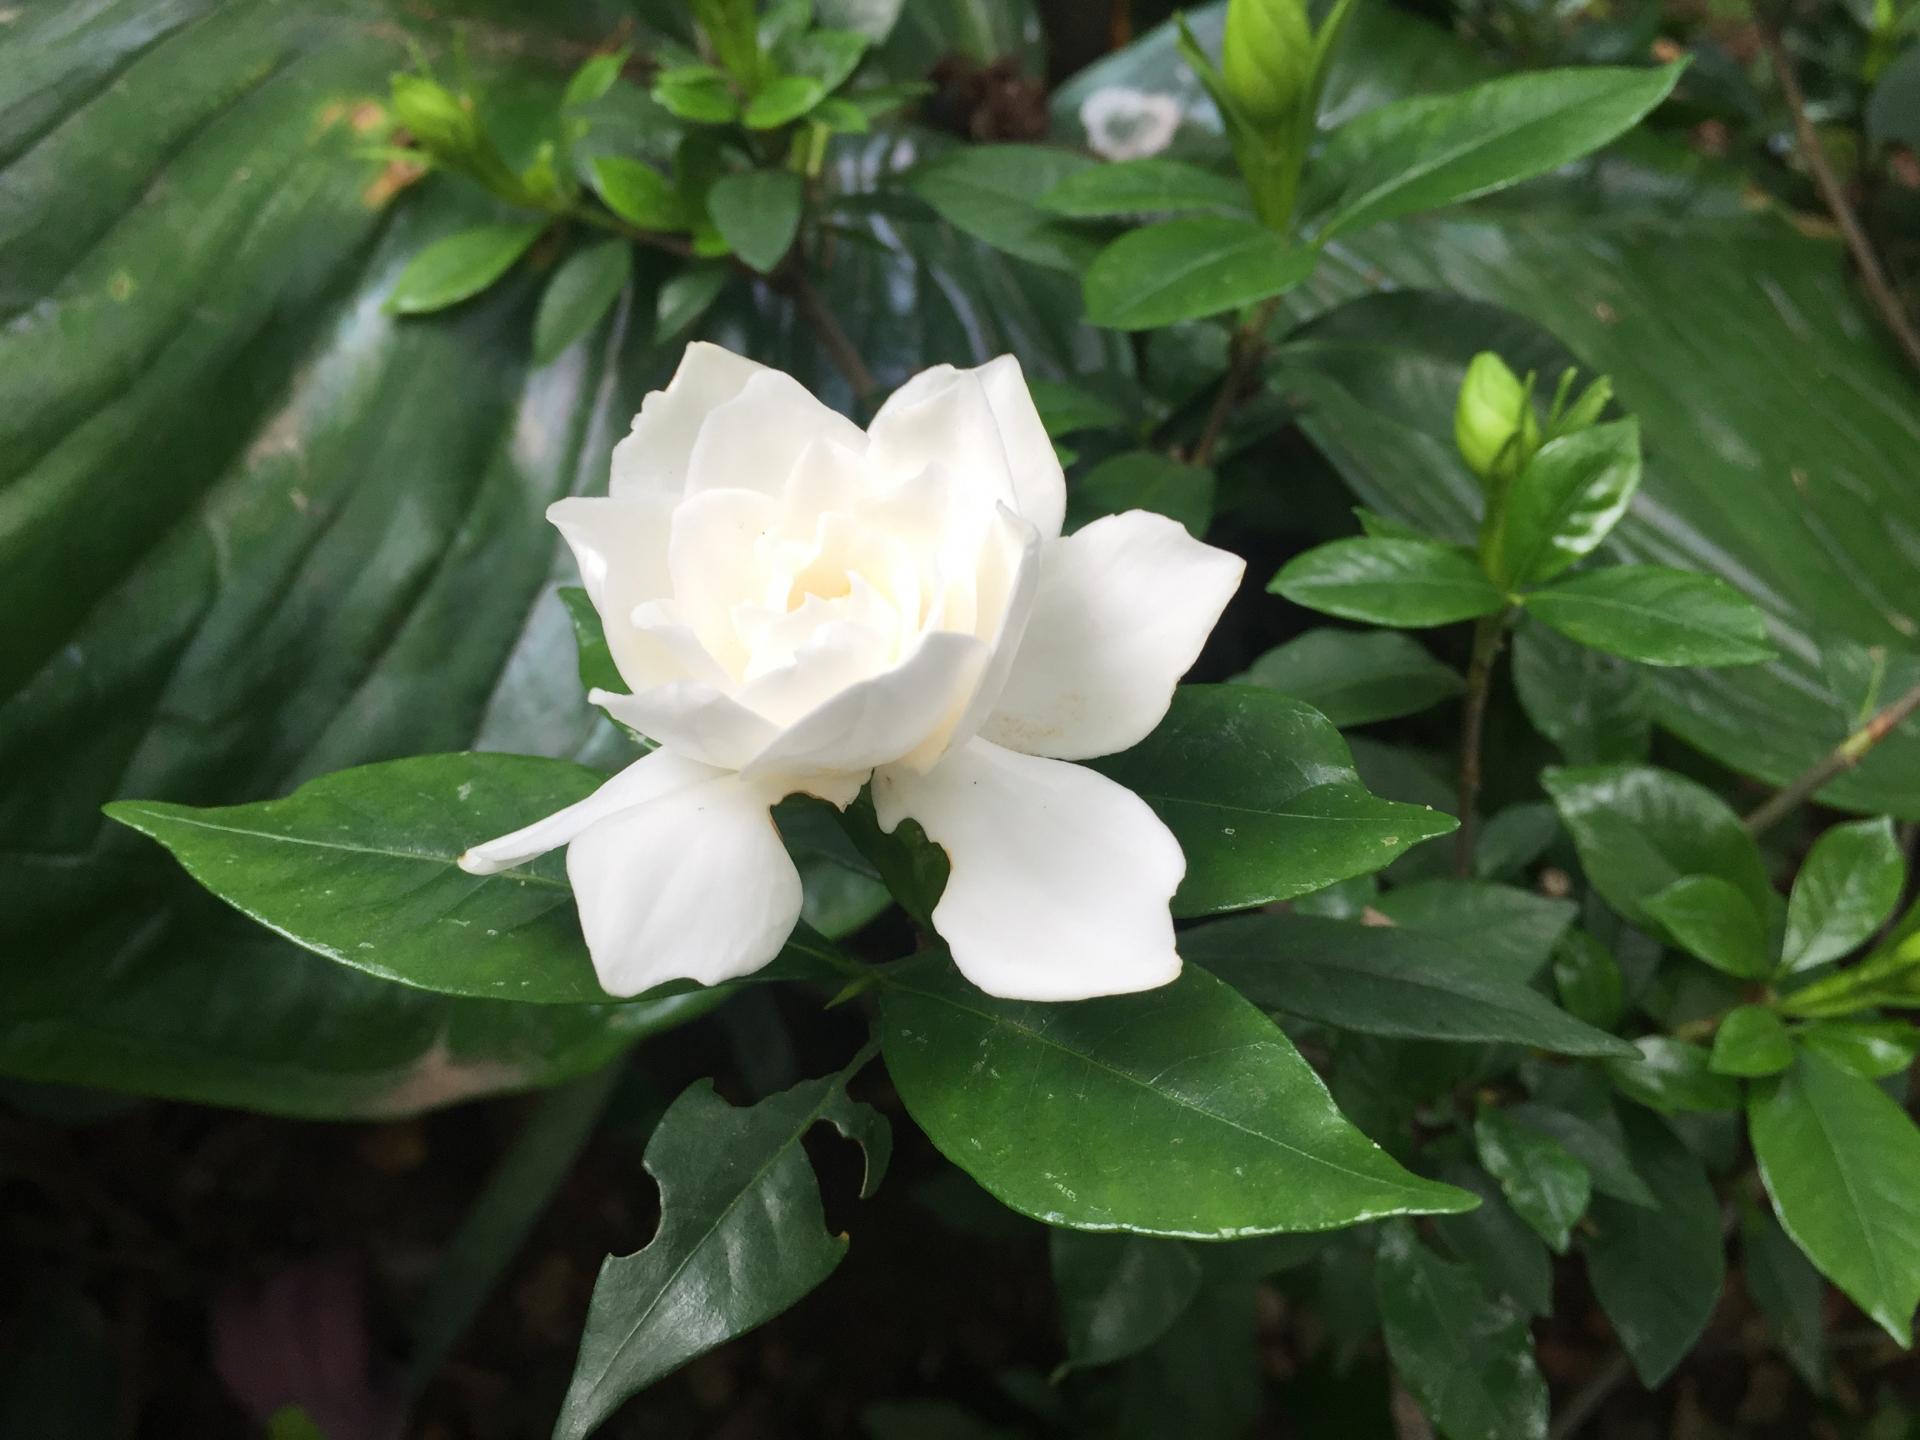 ガーデン用品屋さんの花図鑑 クチナシ